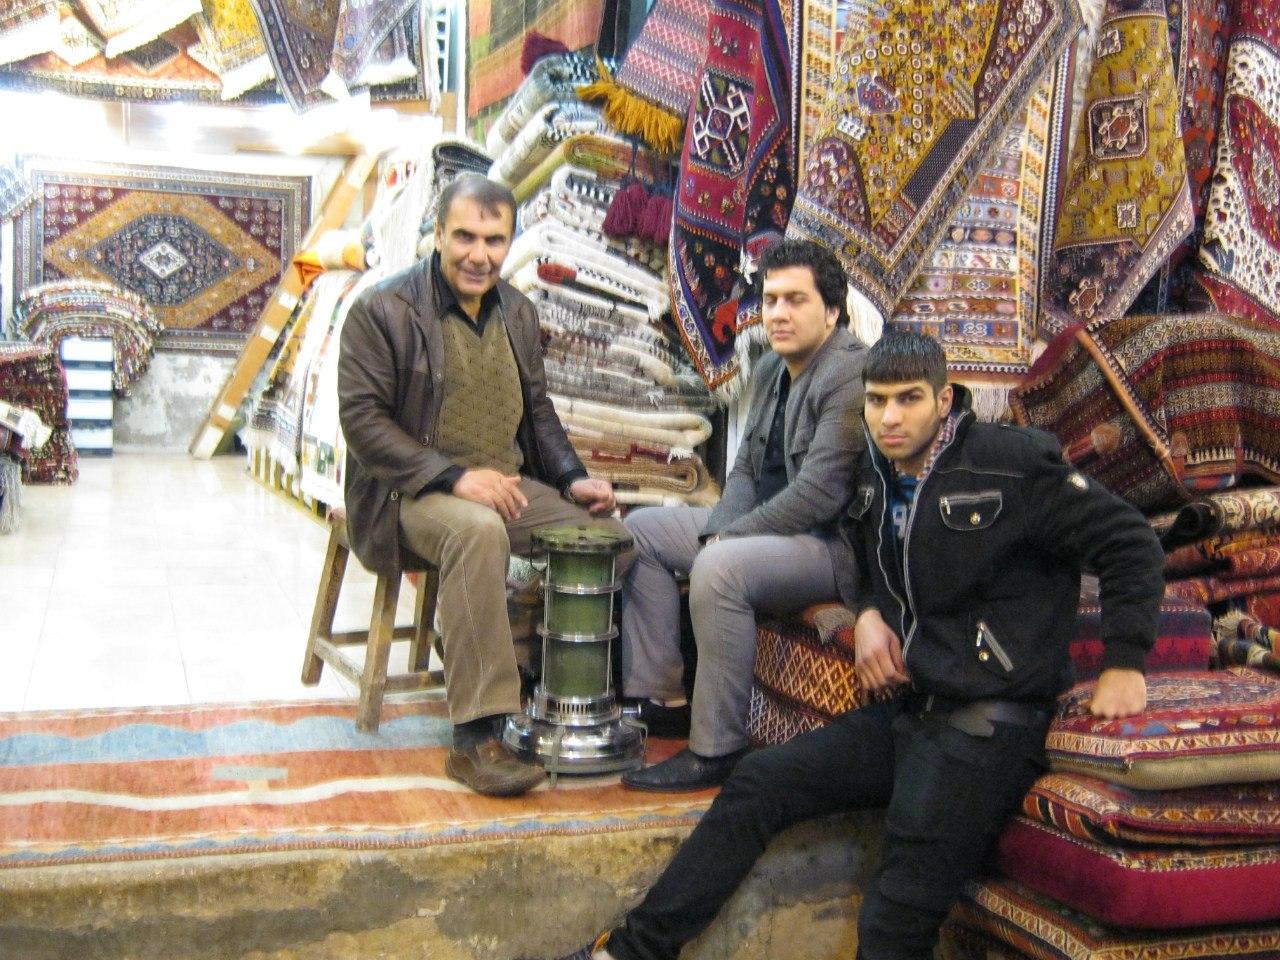 На базаре в Иране Народ греется газовой грелкой